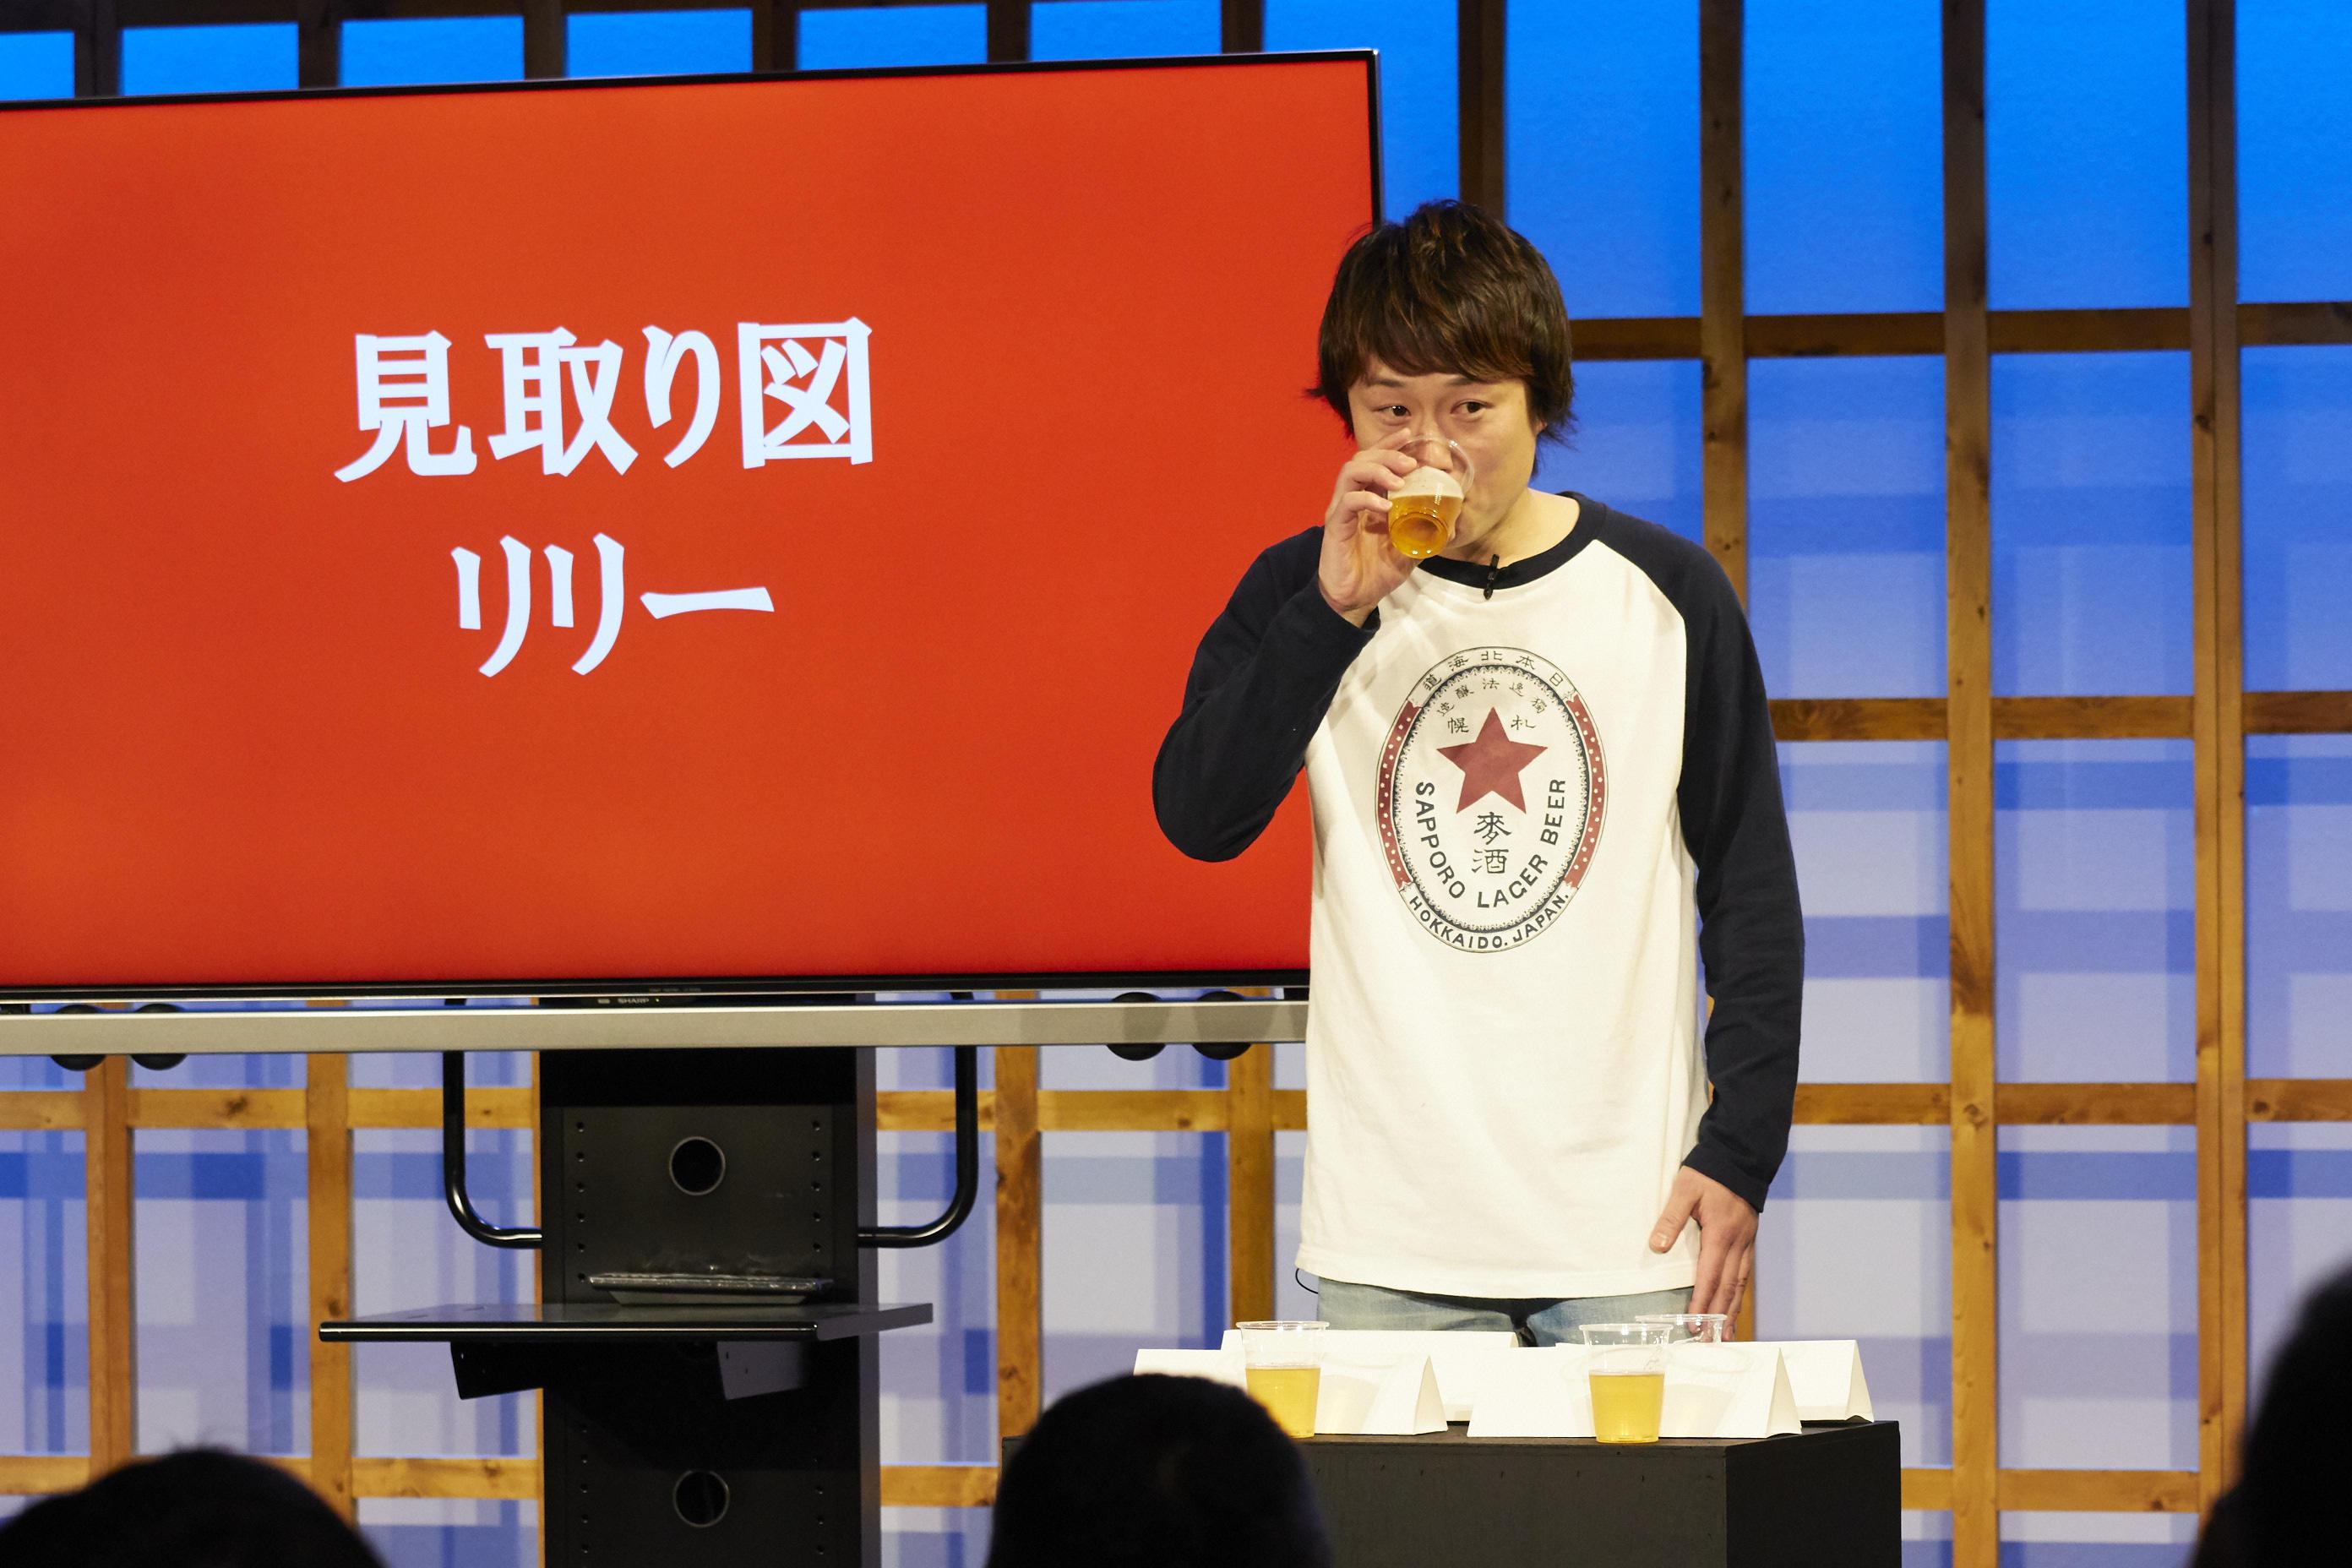 http://news.yoshimoto.co.jp/20180401101021-b21be7e3fc6bae0cfc3492943db2750386b7316c.jpg